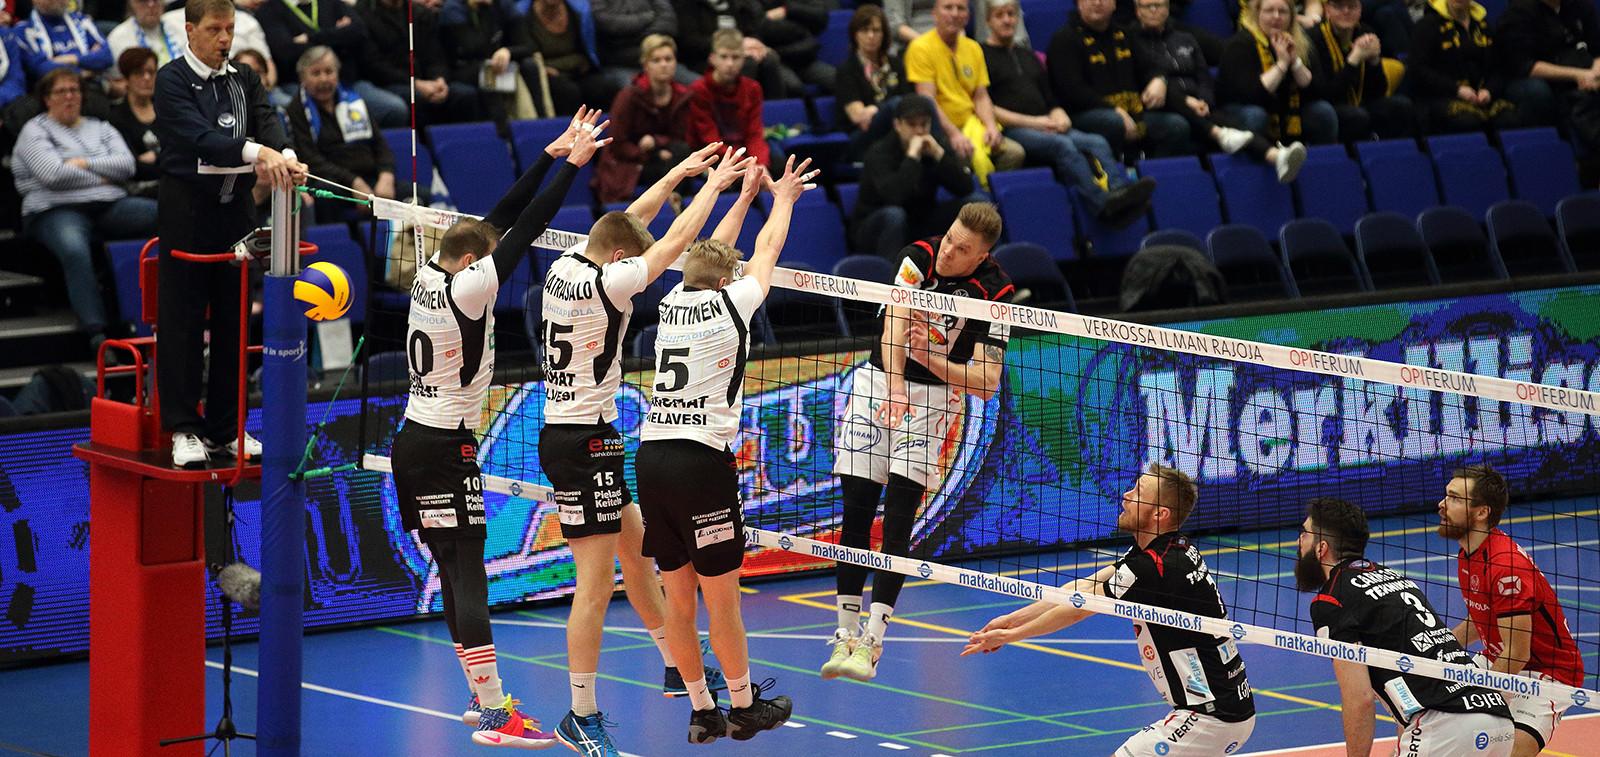 Lentopallon Suomen Cupin finaalit Turussa 5.-7.1.